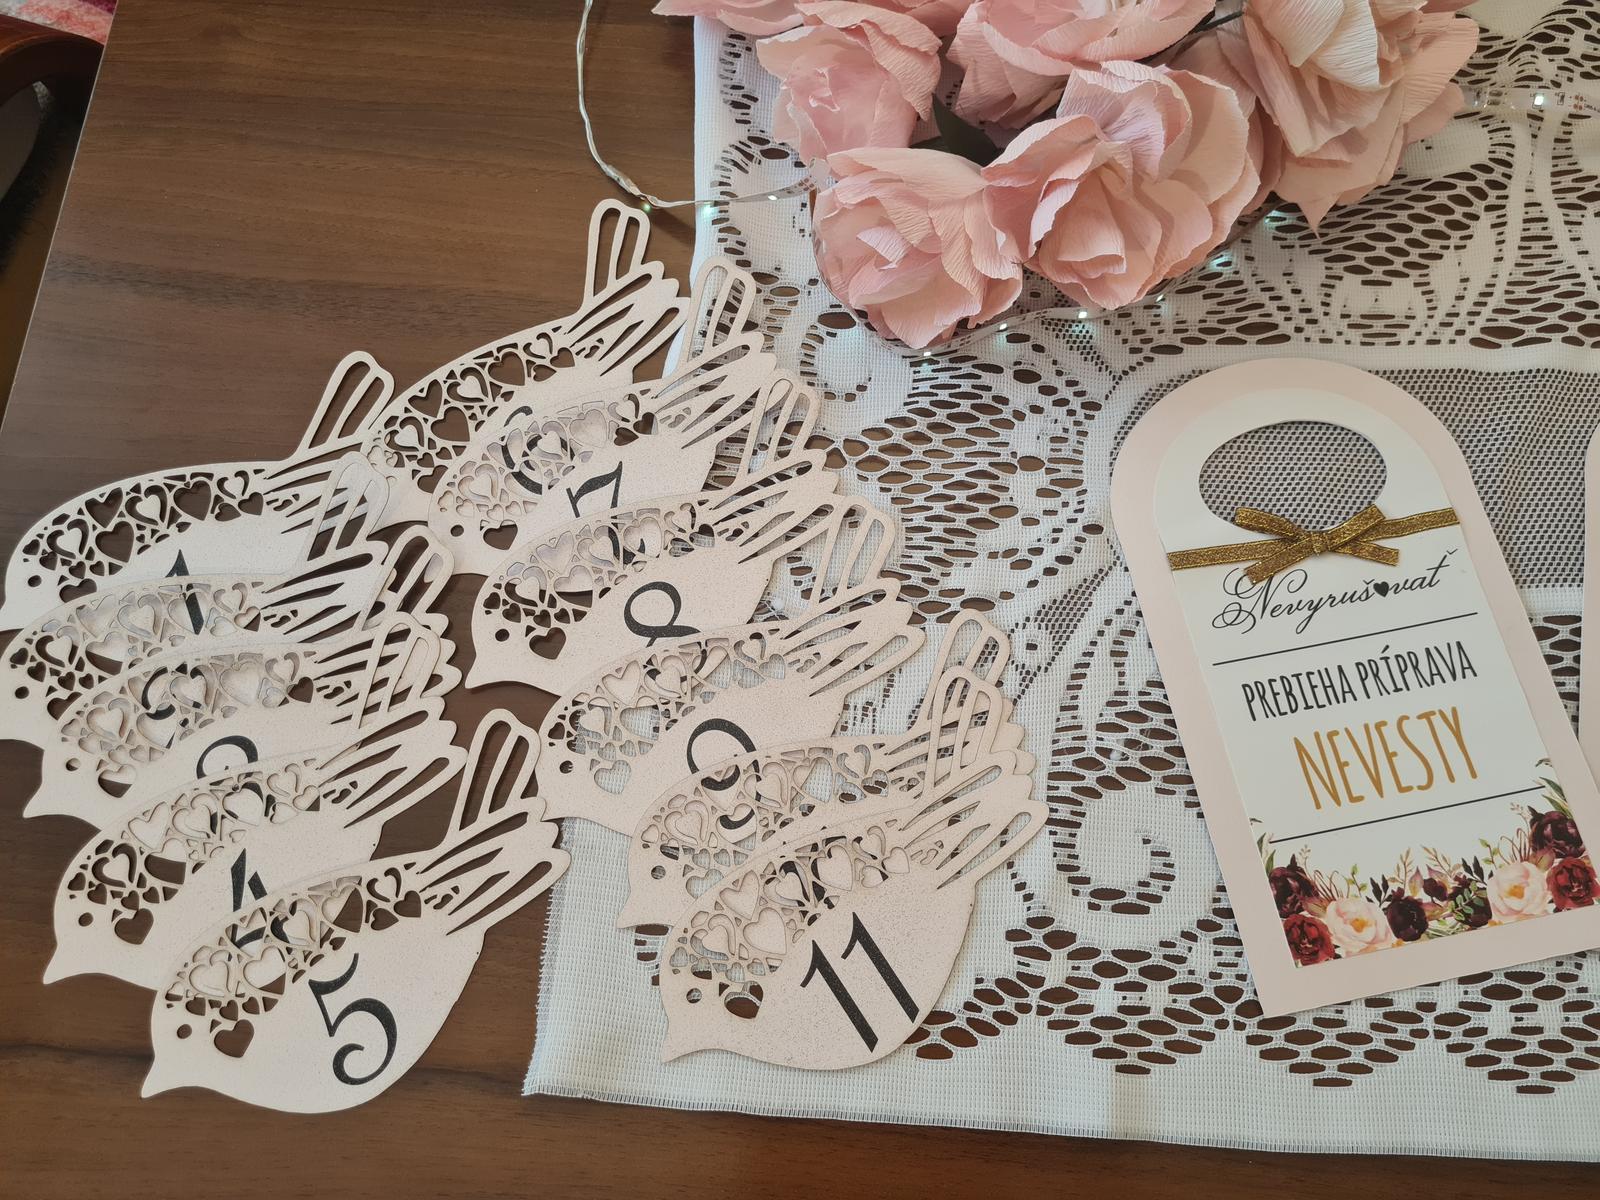 svadobná výzdoba číslovanie stolov - Obrázok č. 1